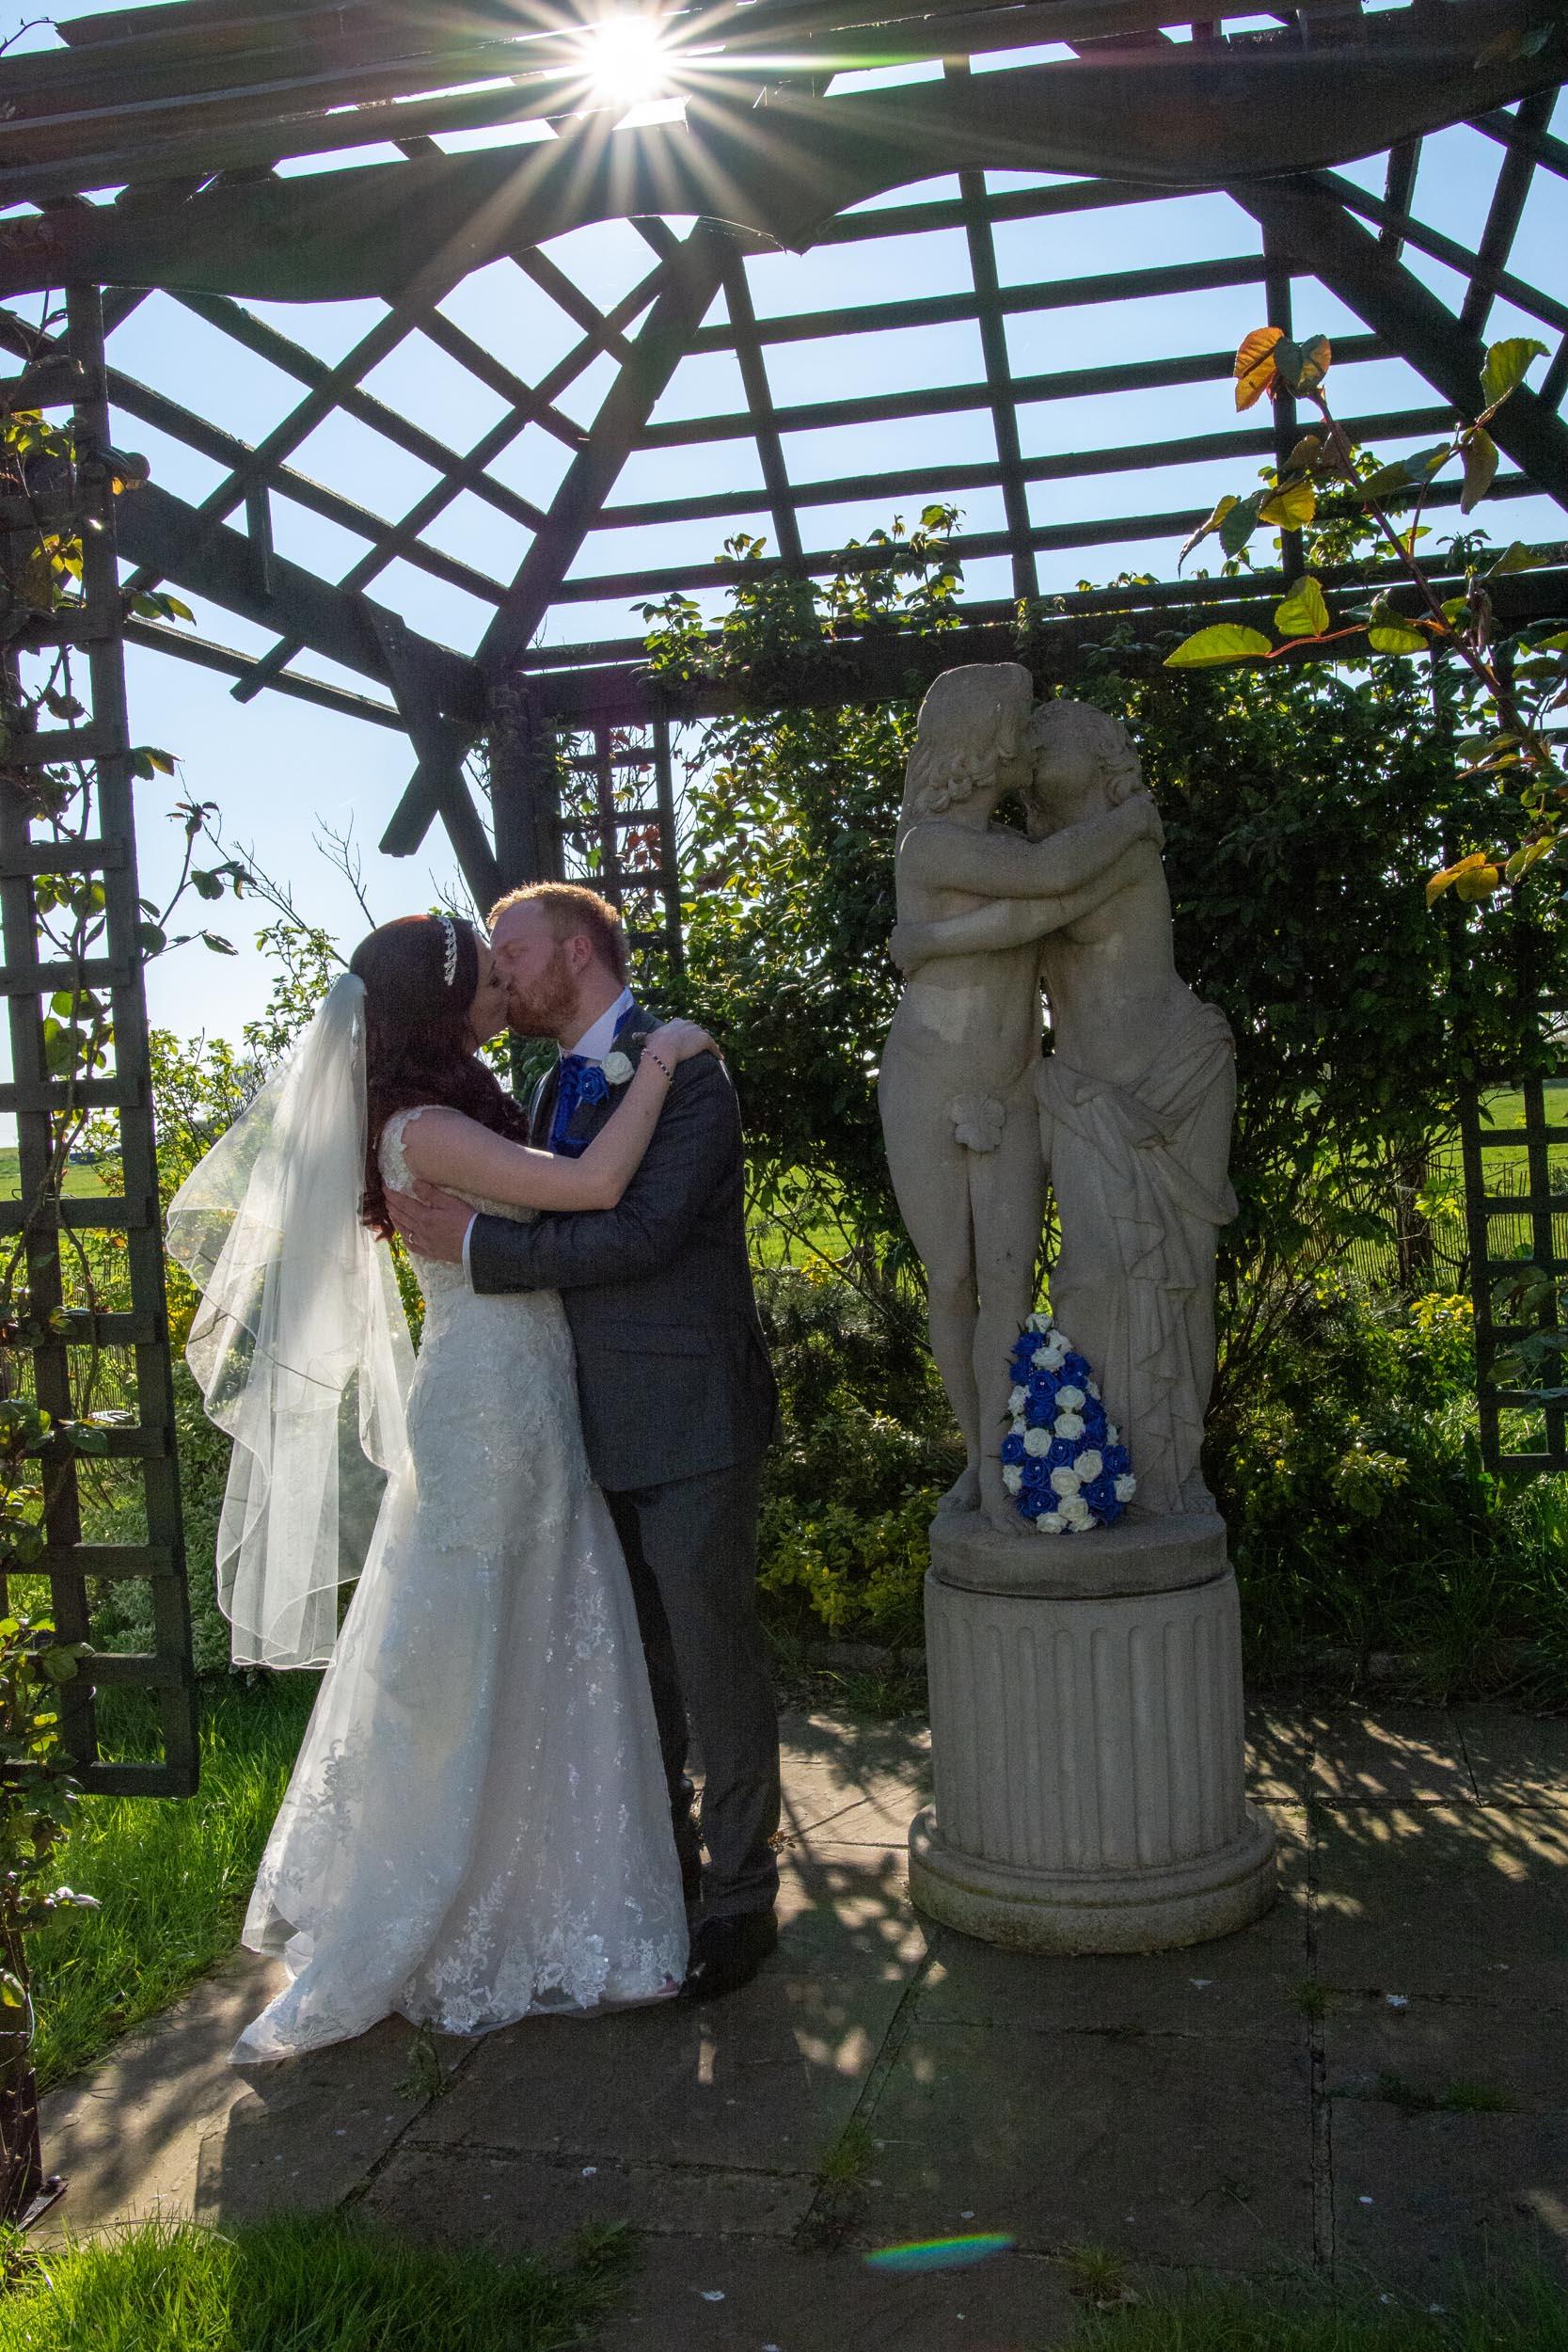 190420-Wedding-bride-groom-The-Old-Rectory-058.jpg